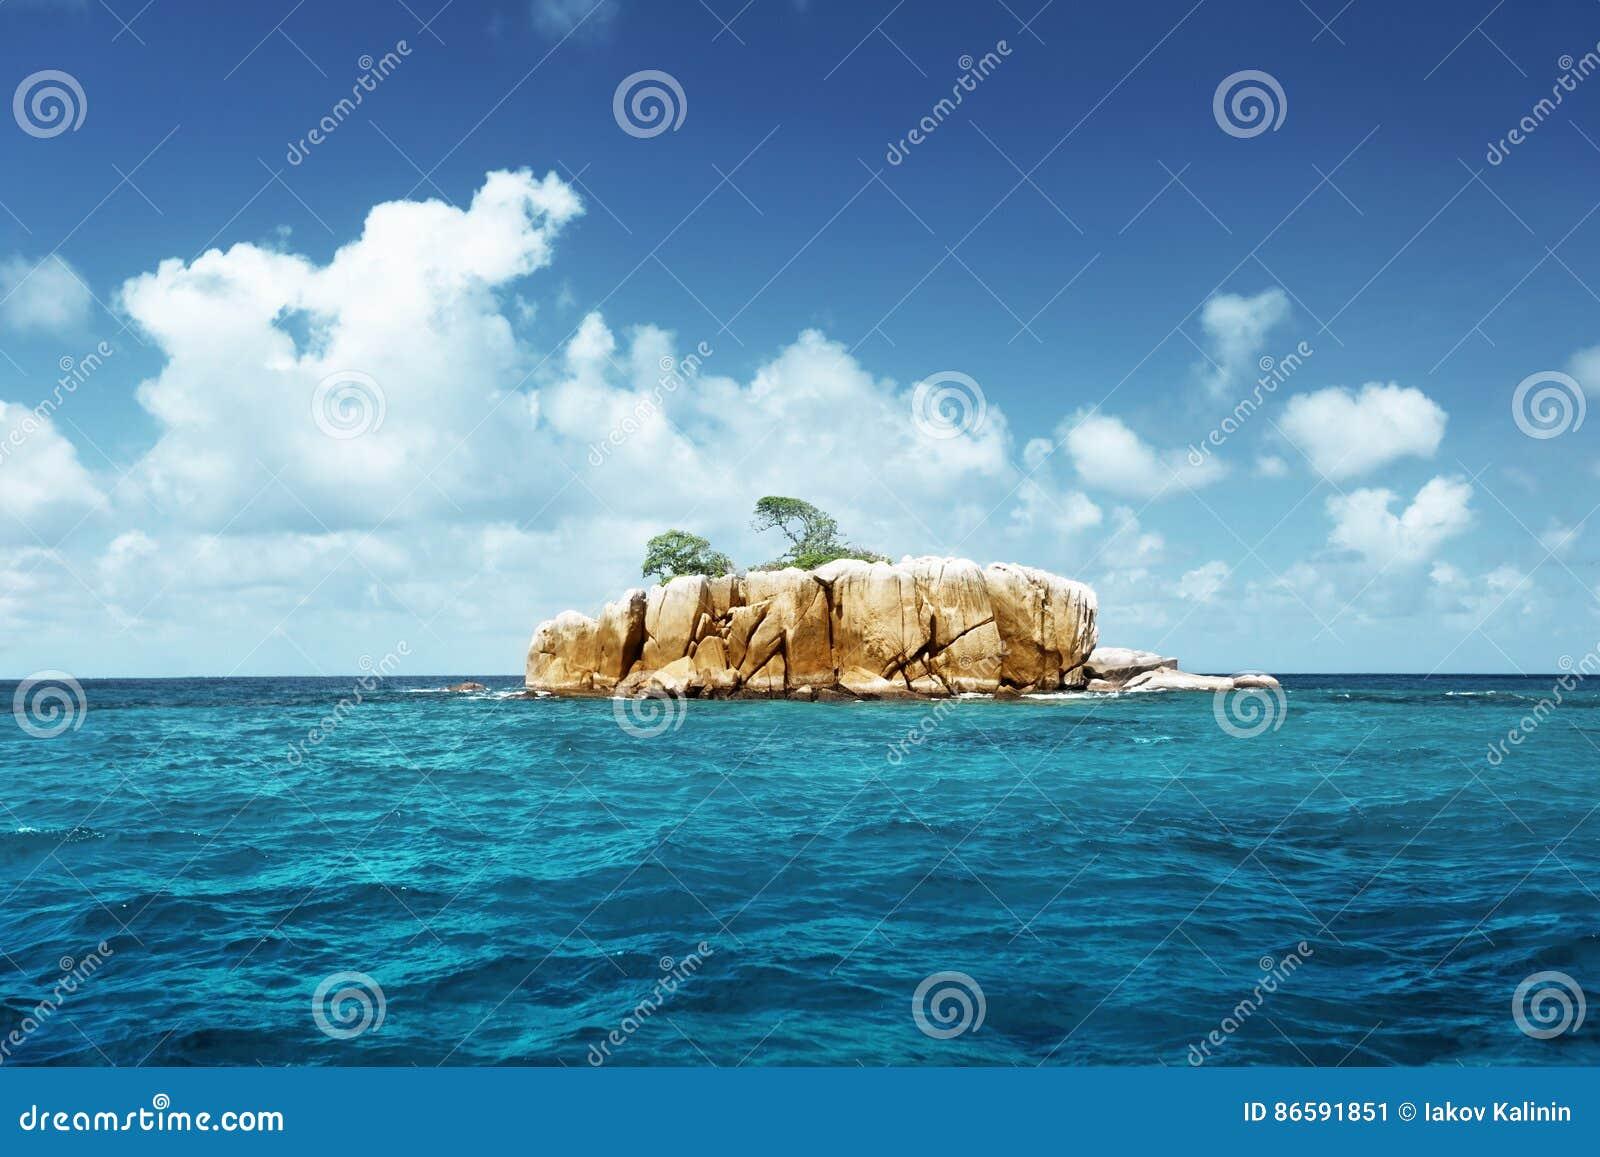 Stone Island At Seychelles Stock Image Image Of Seychelles